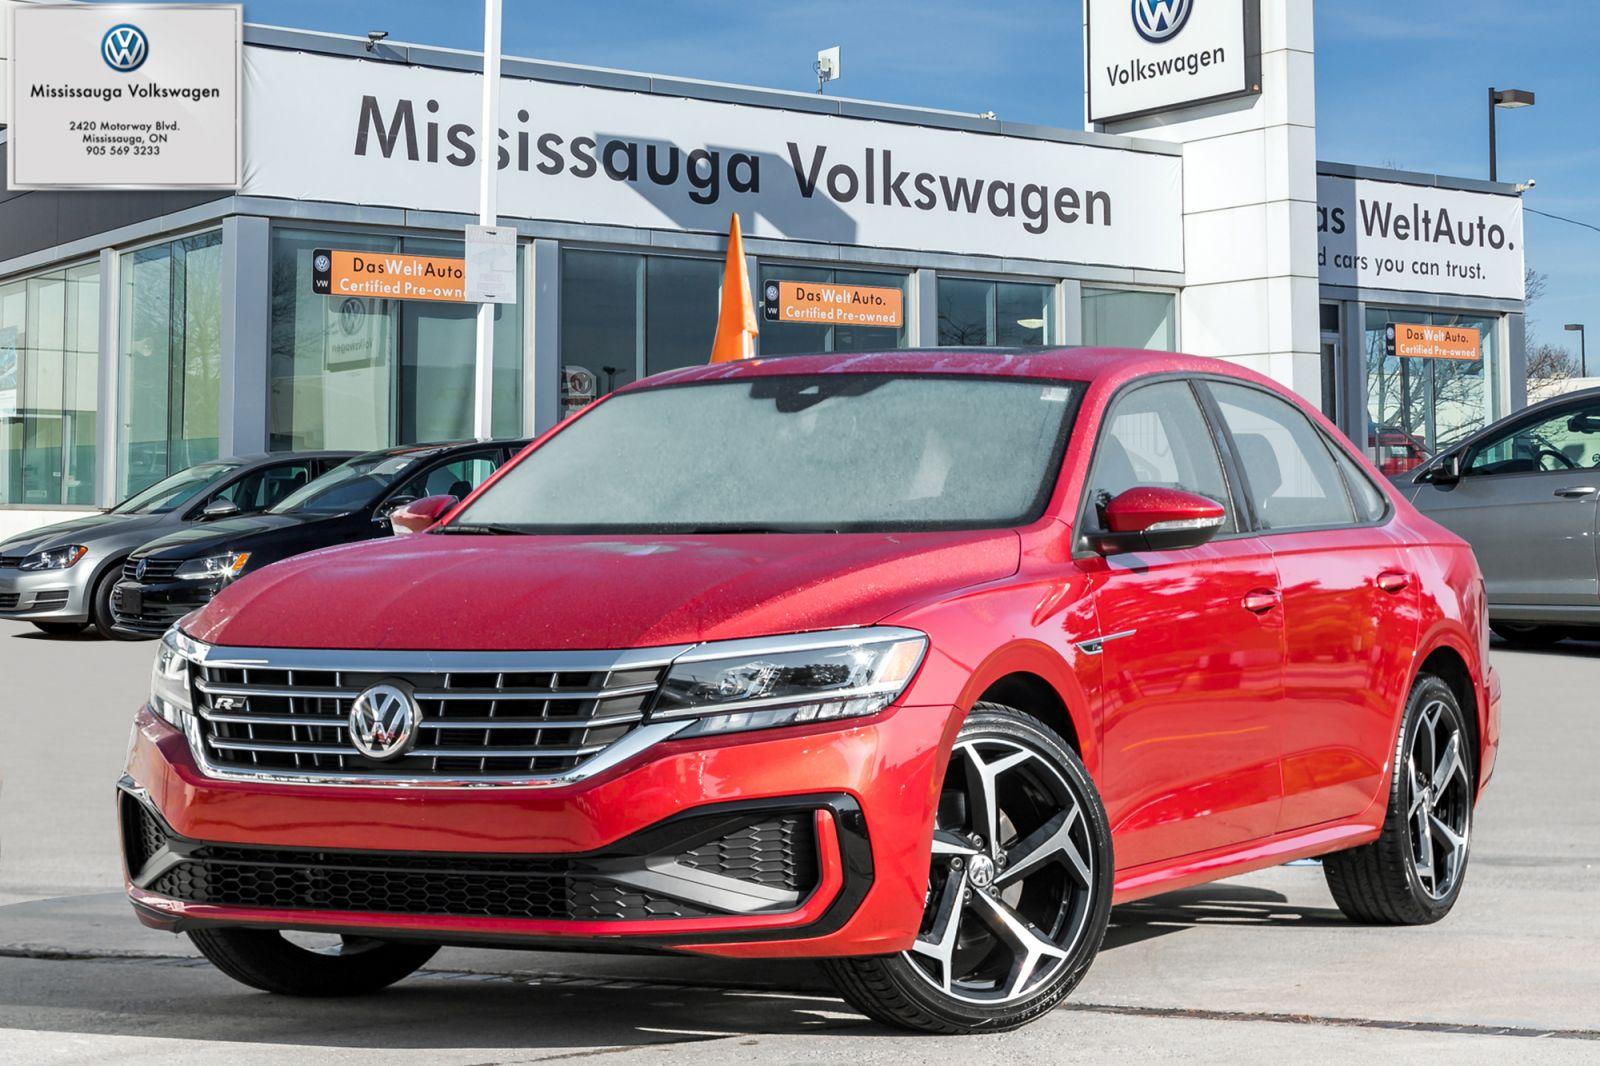 2020 Volkswagen Passat Image